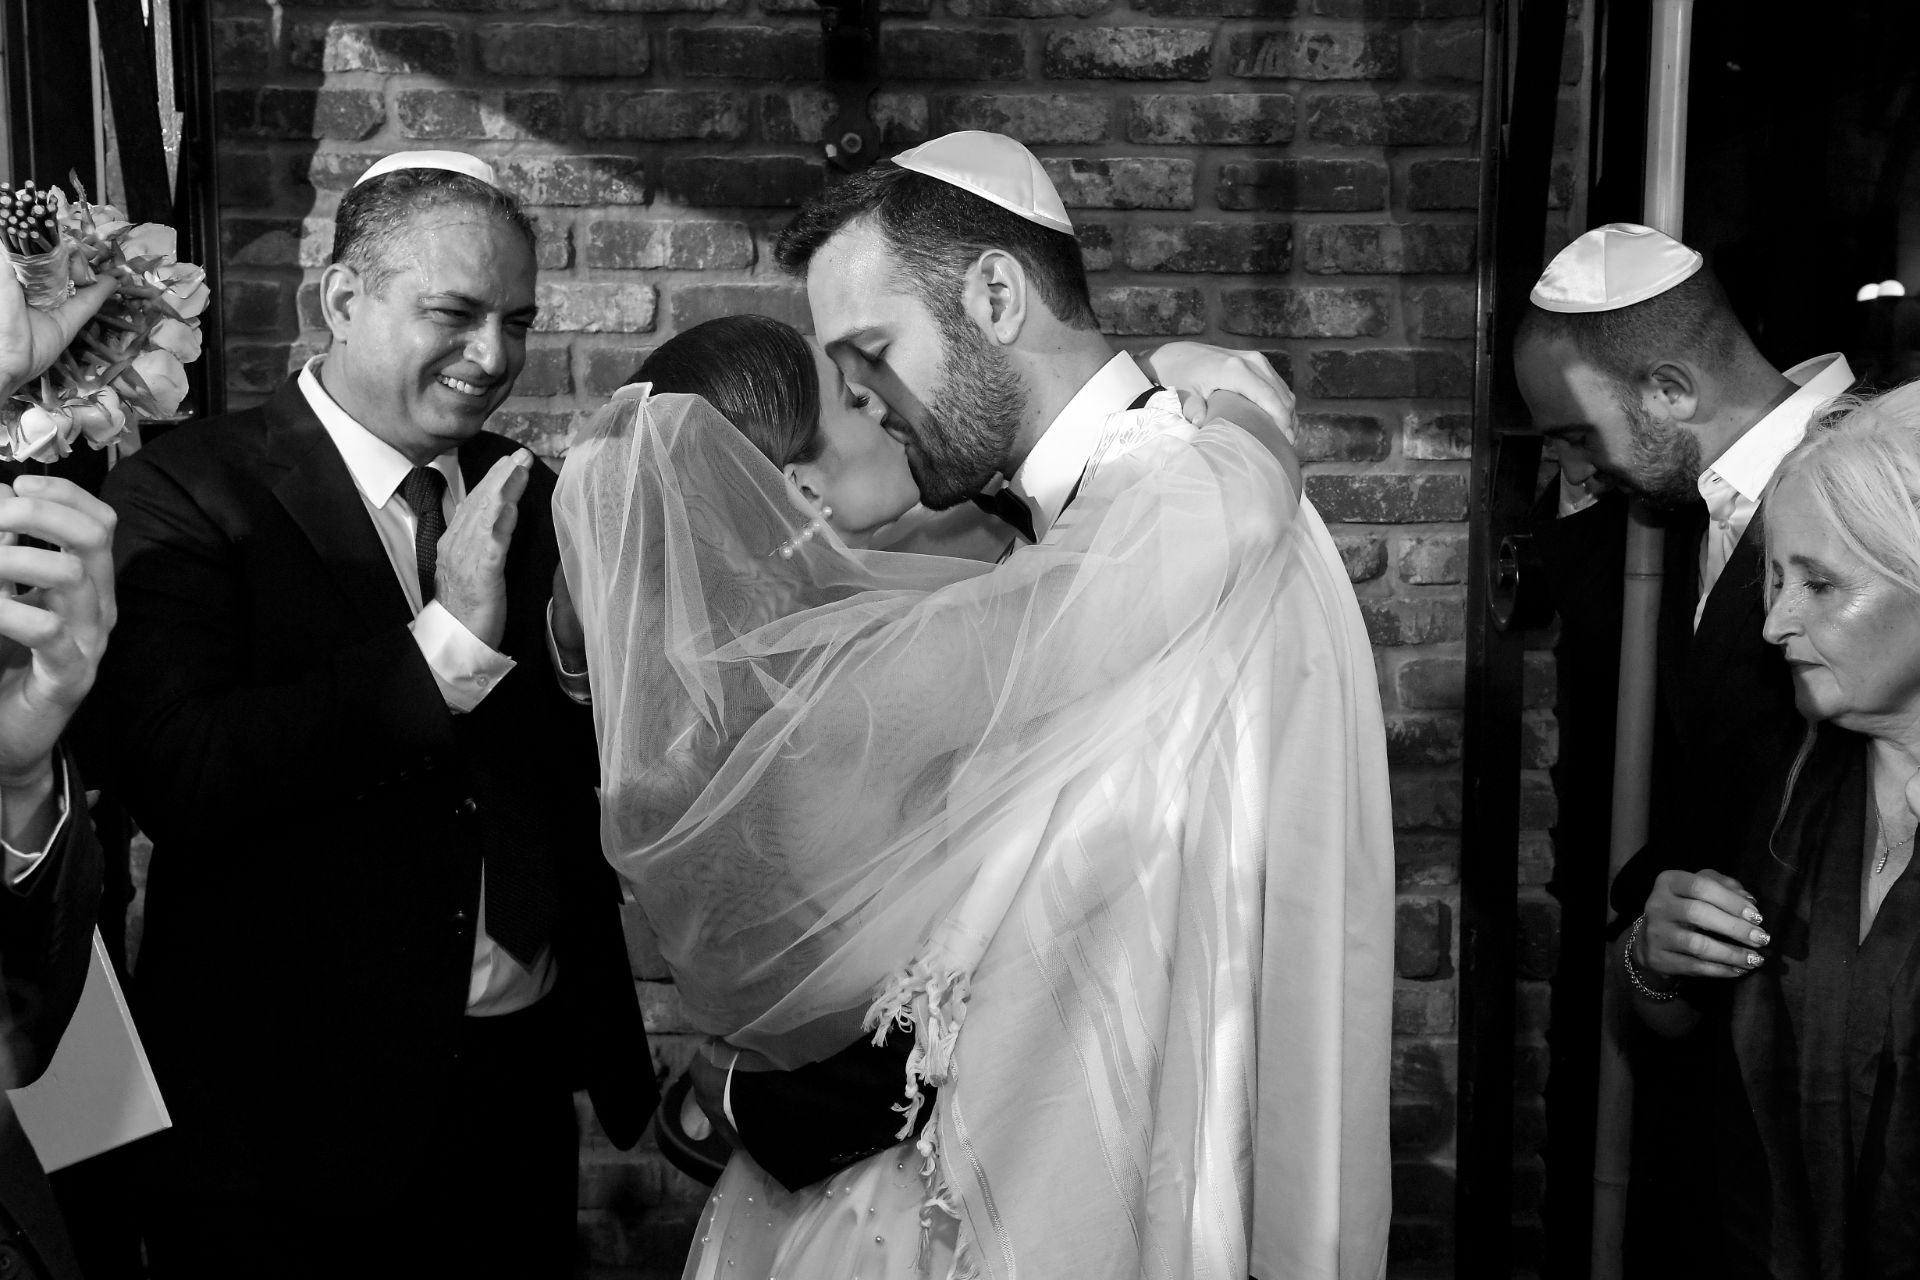 שנה וחצי מהרגע שהכירו ועד לחתונה: היום של אוראל והנרי